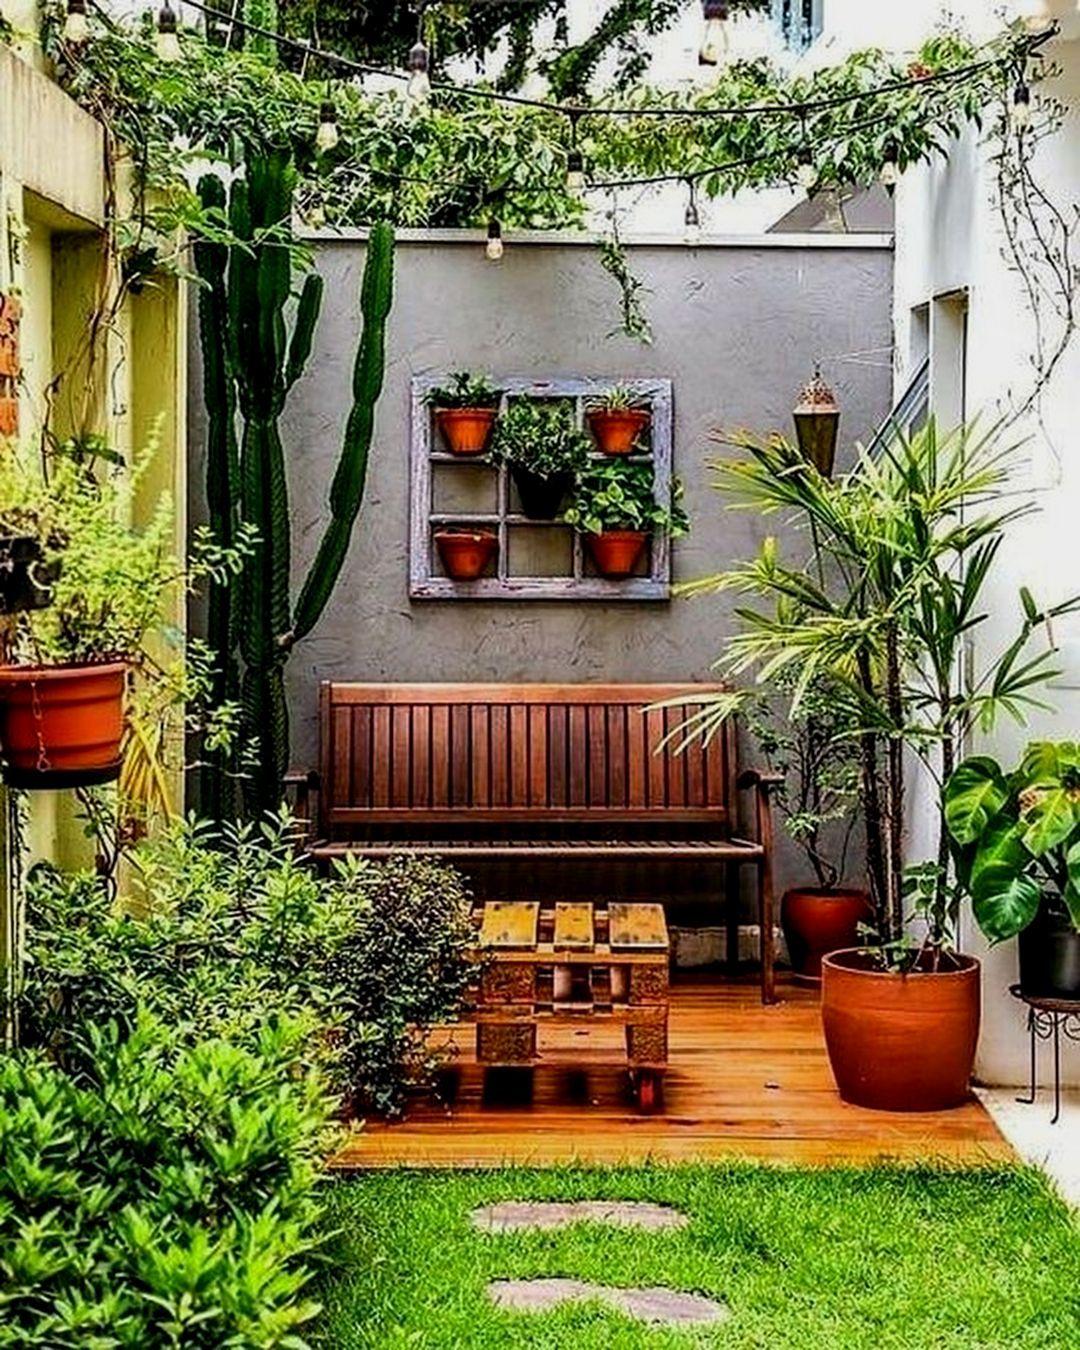 Popular 25 Adorable Small Garden Ideas for You to Enjoy ...